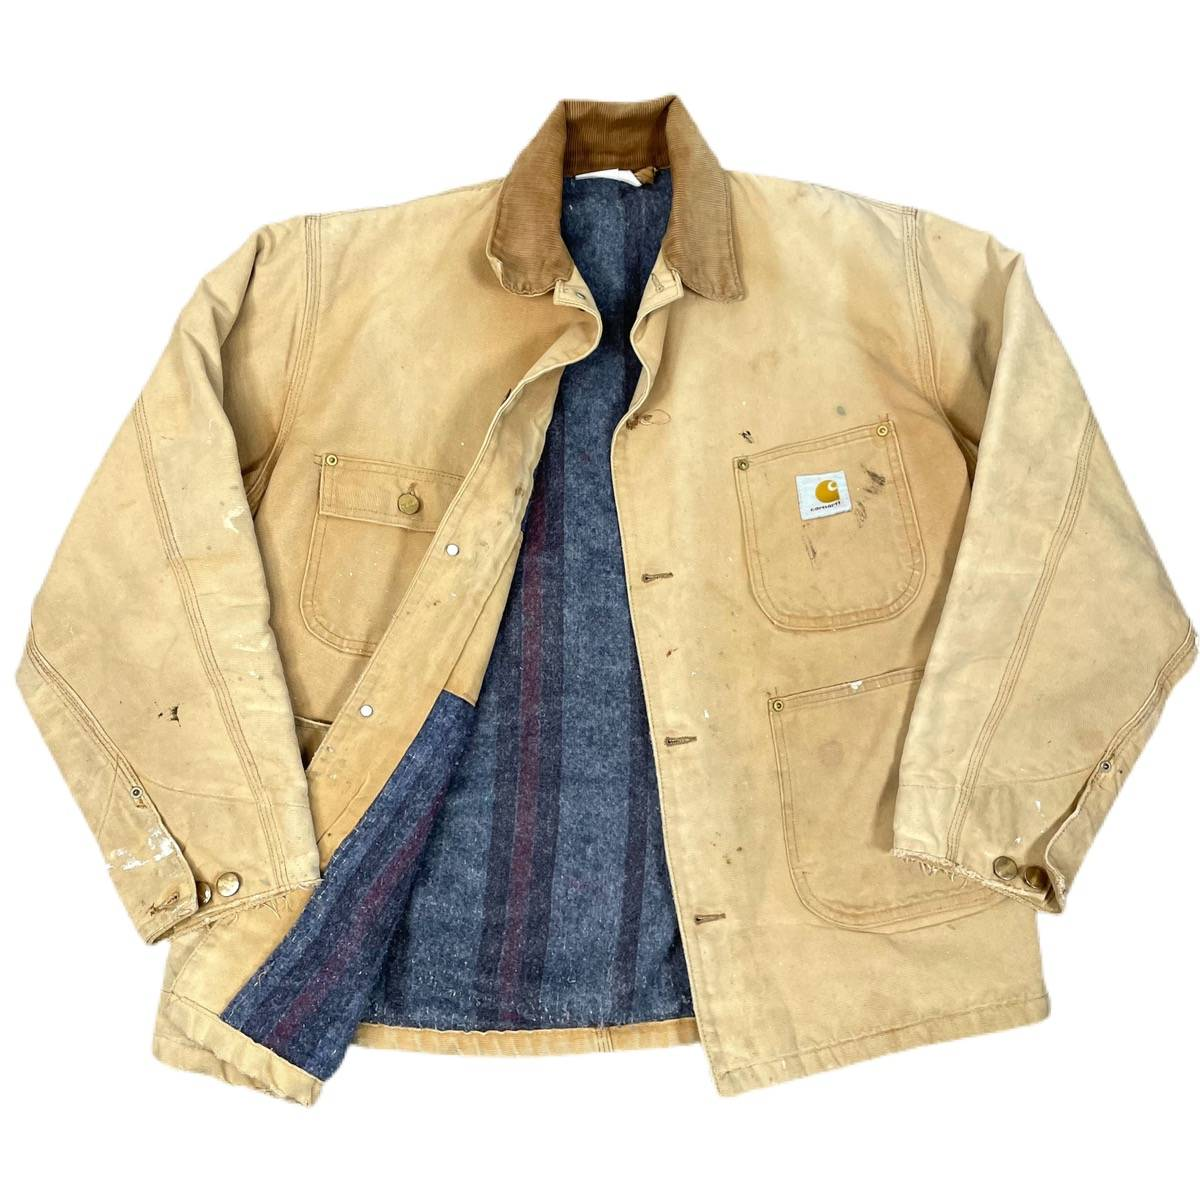 Work Chore Distressed Jacket Vintage Carhartt Blanket Lined Barn Coat Brown